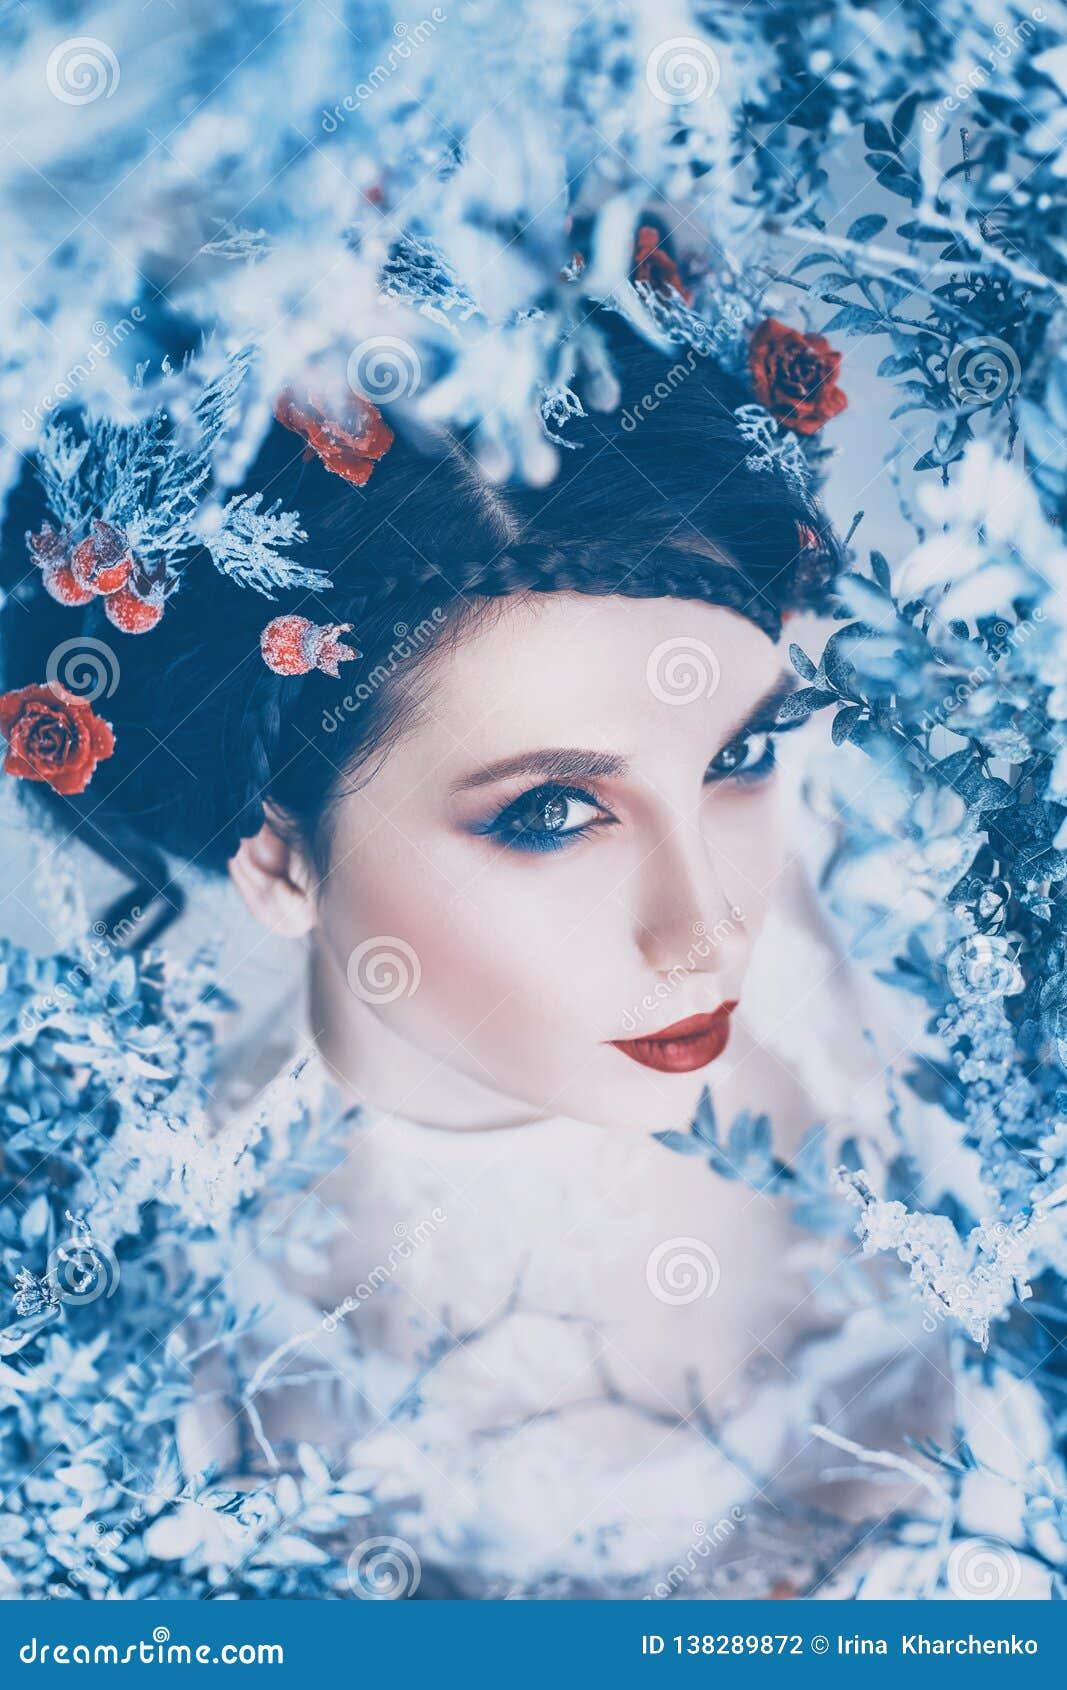 Dumna majestatyczna królowa zima i wiecznie zimno w długim bielu ubieramy z zmrok zbierającym włosy ozdabiającym z zamarzniętymi